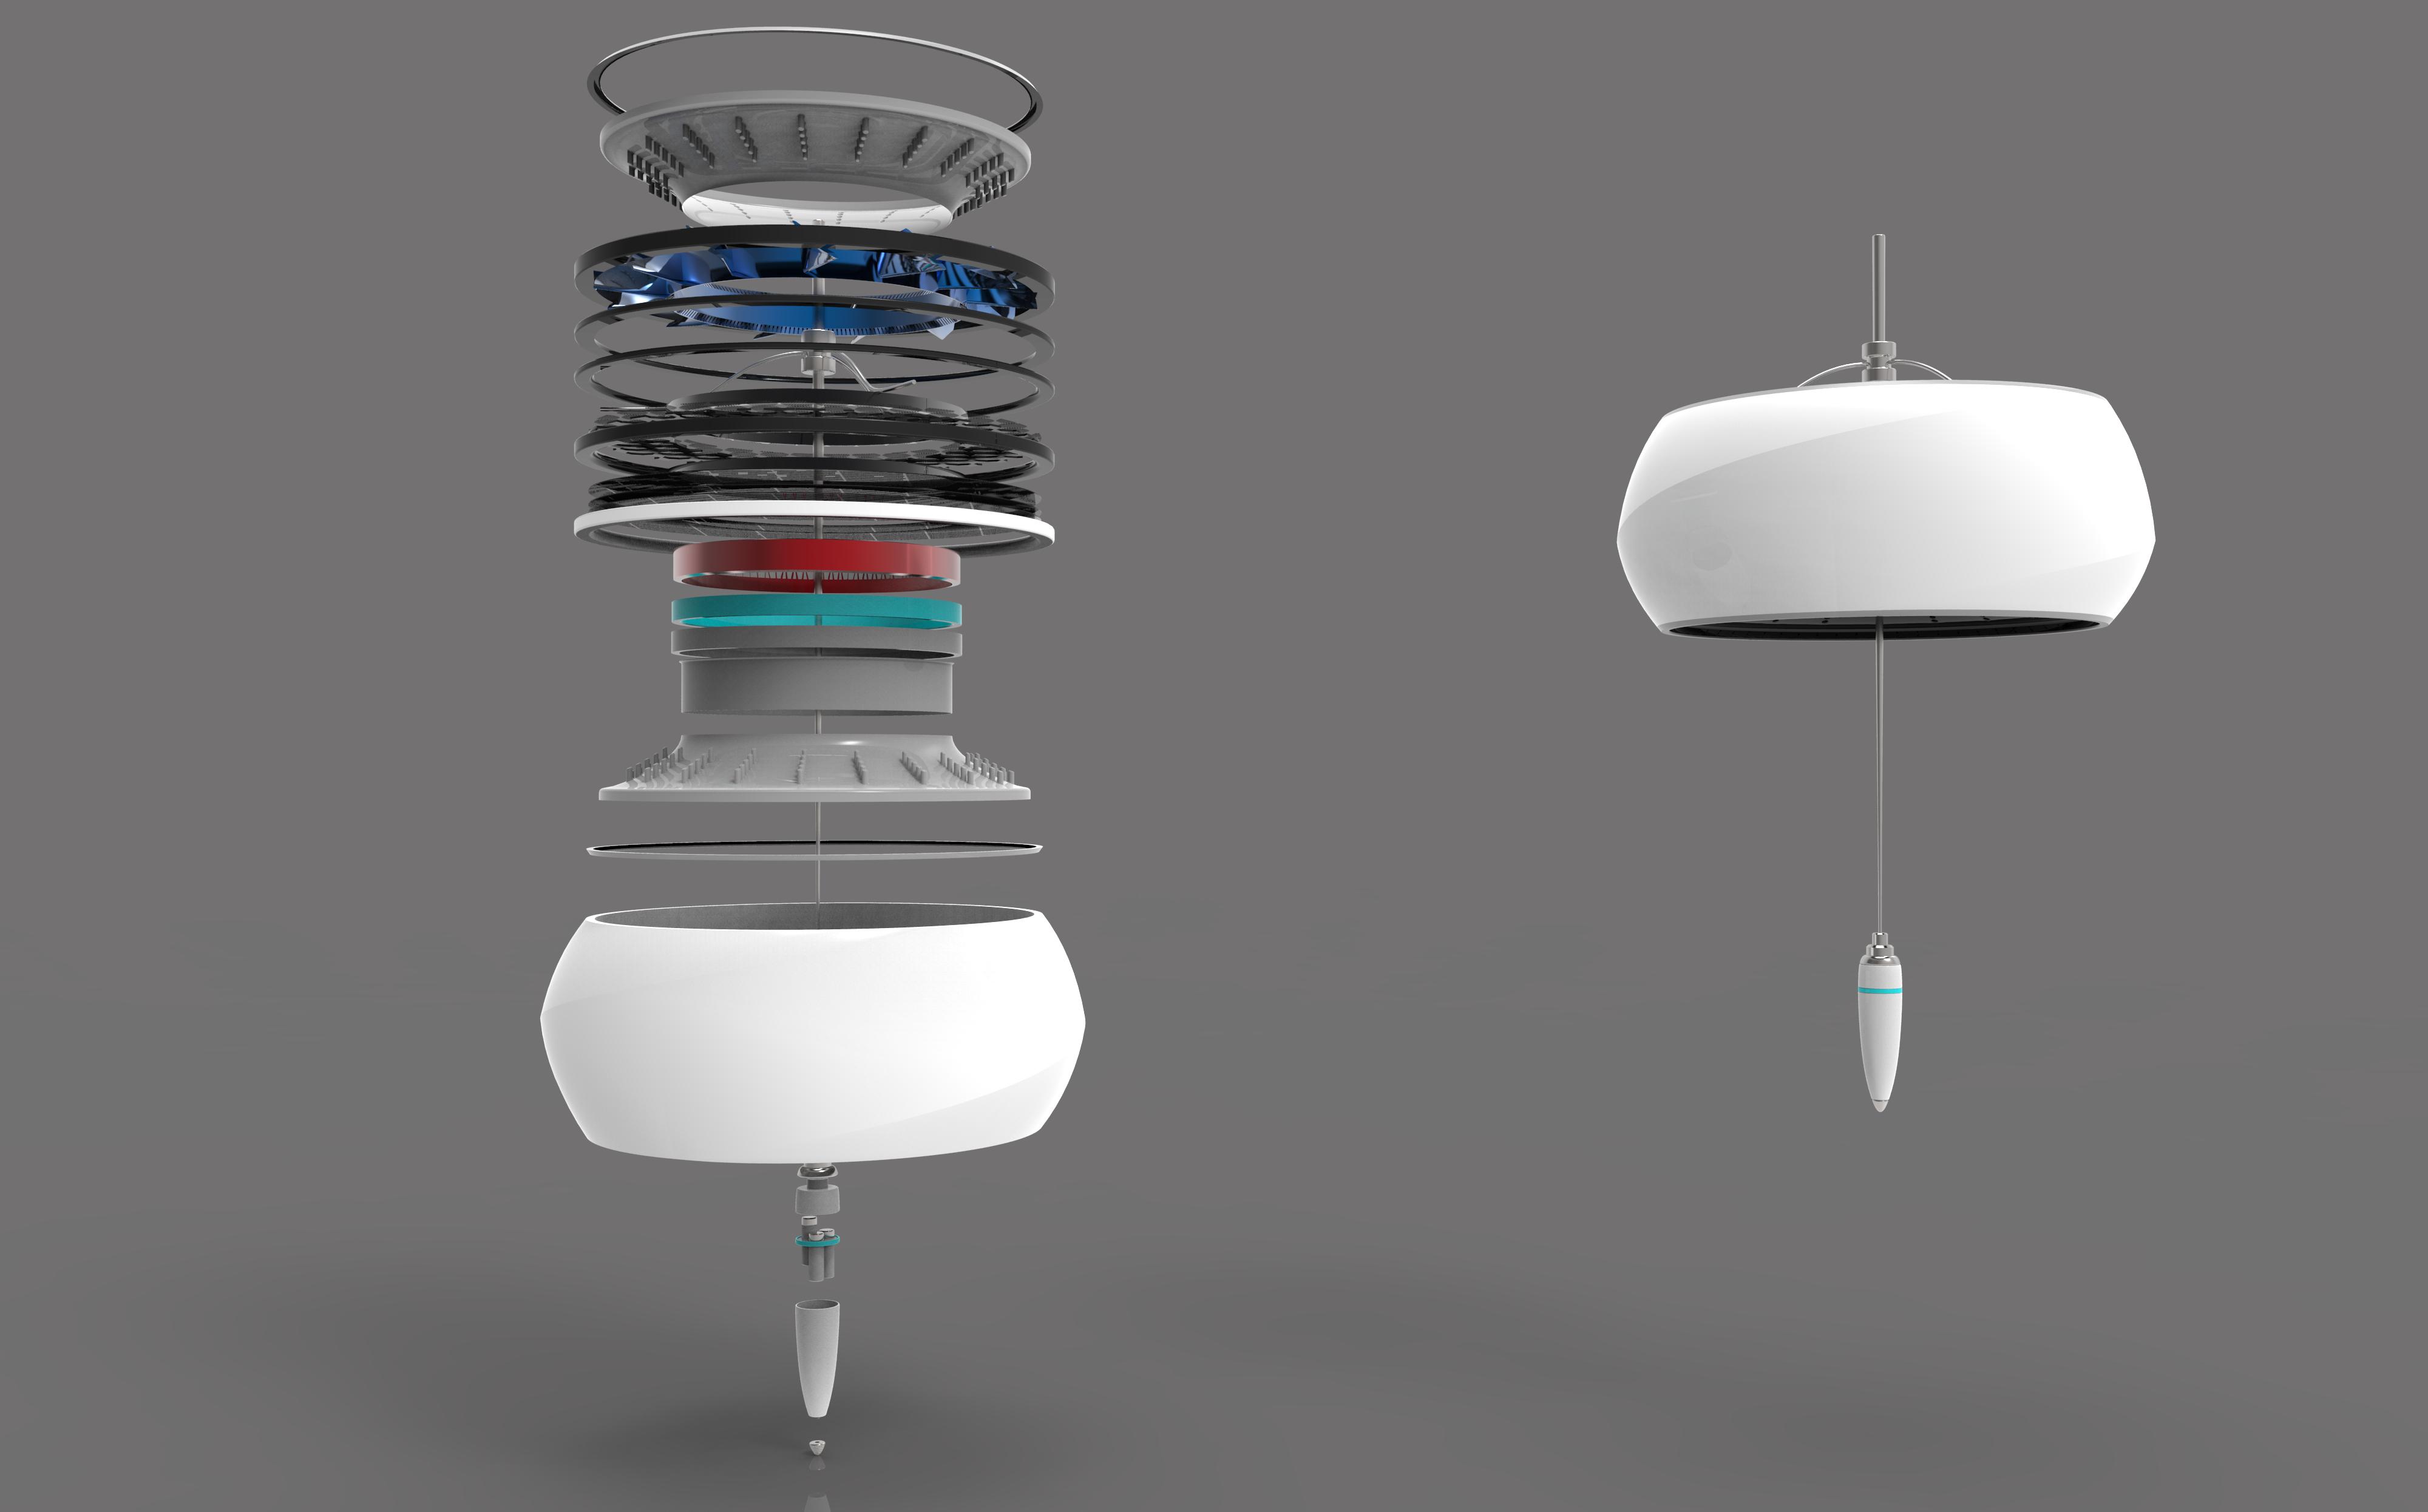 工业设计外观设计产品设计产品结构设计机械设计效果图渲染壹典